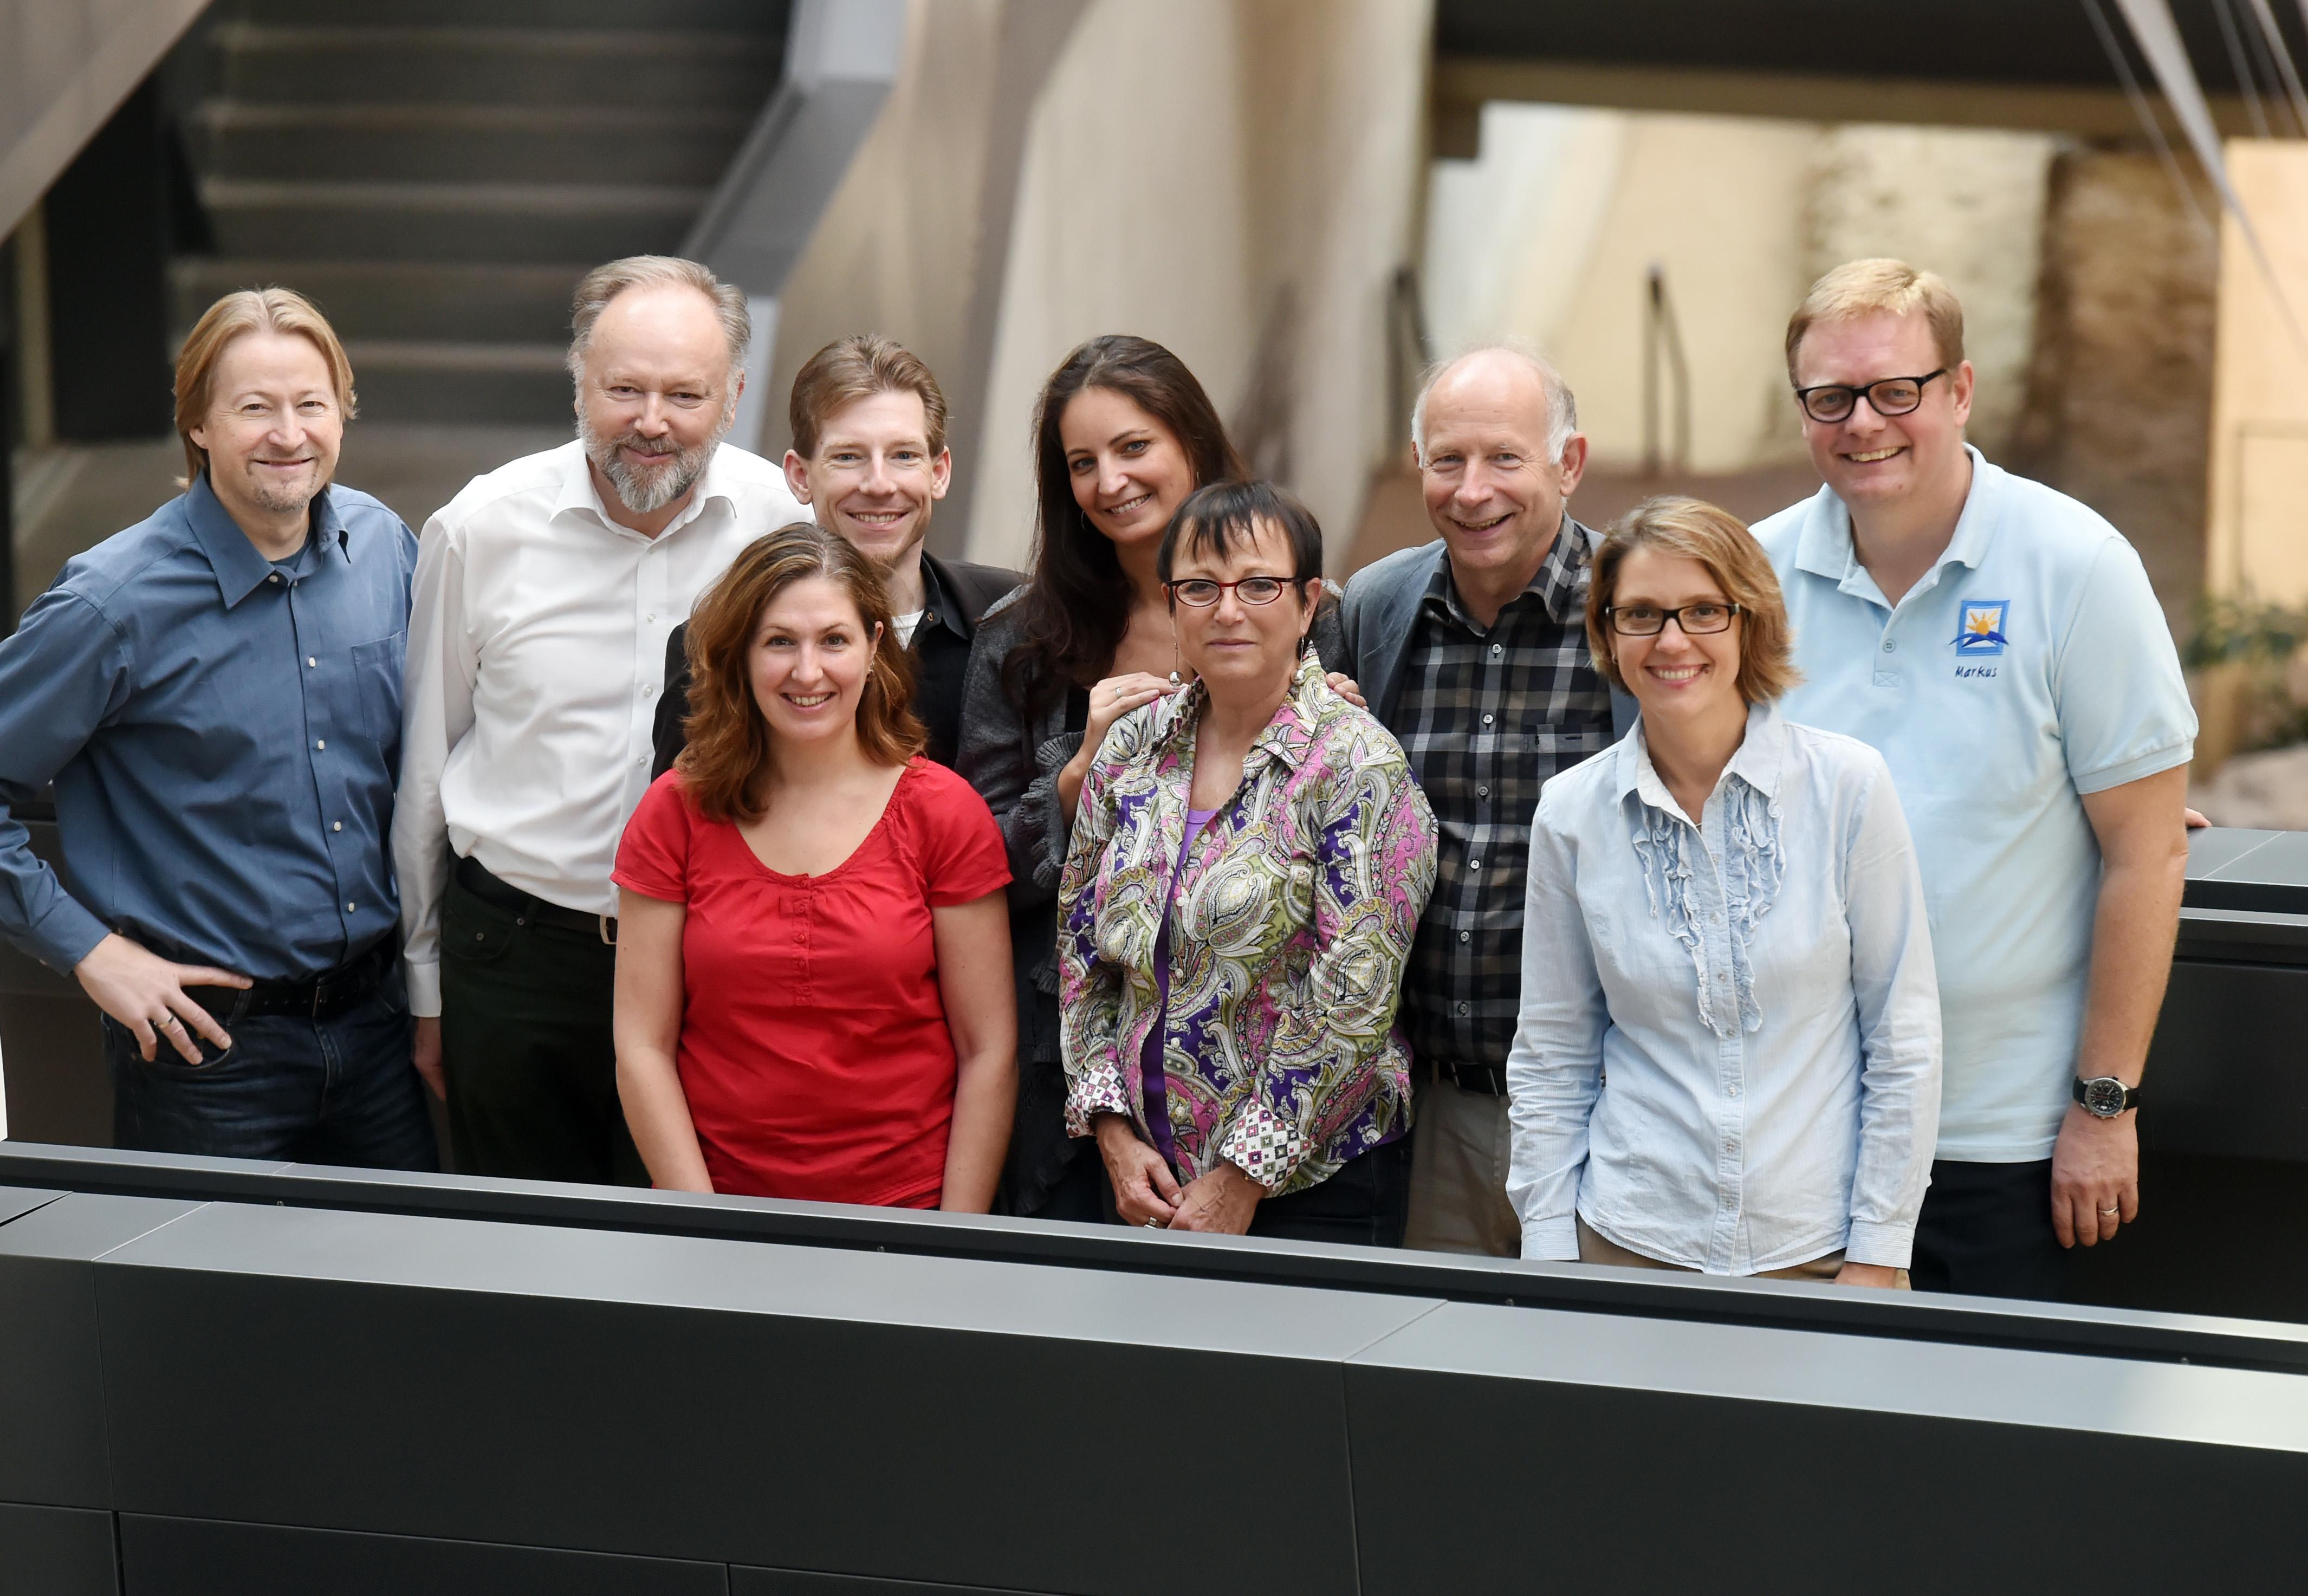 ARTIS-Uli Deck// 19.09.-20.09.2014 Lebenshaus e.V. Nationale Patienten-Foren, GIST, Sarkome und Nierenkrebs